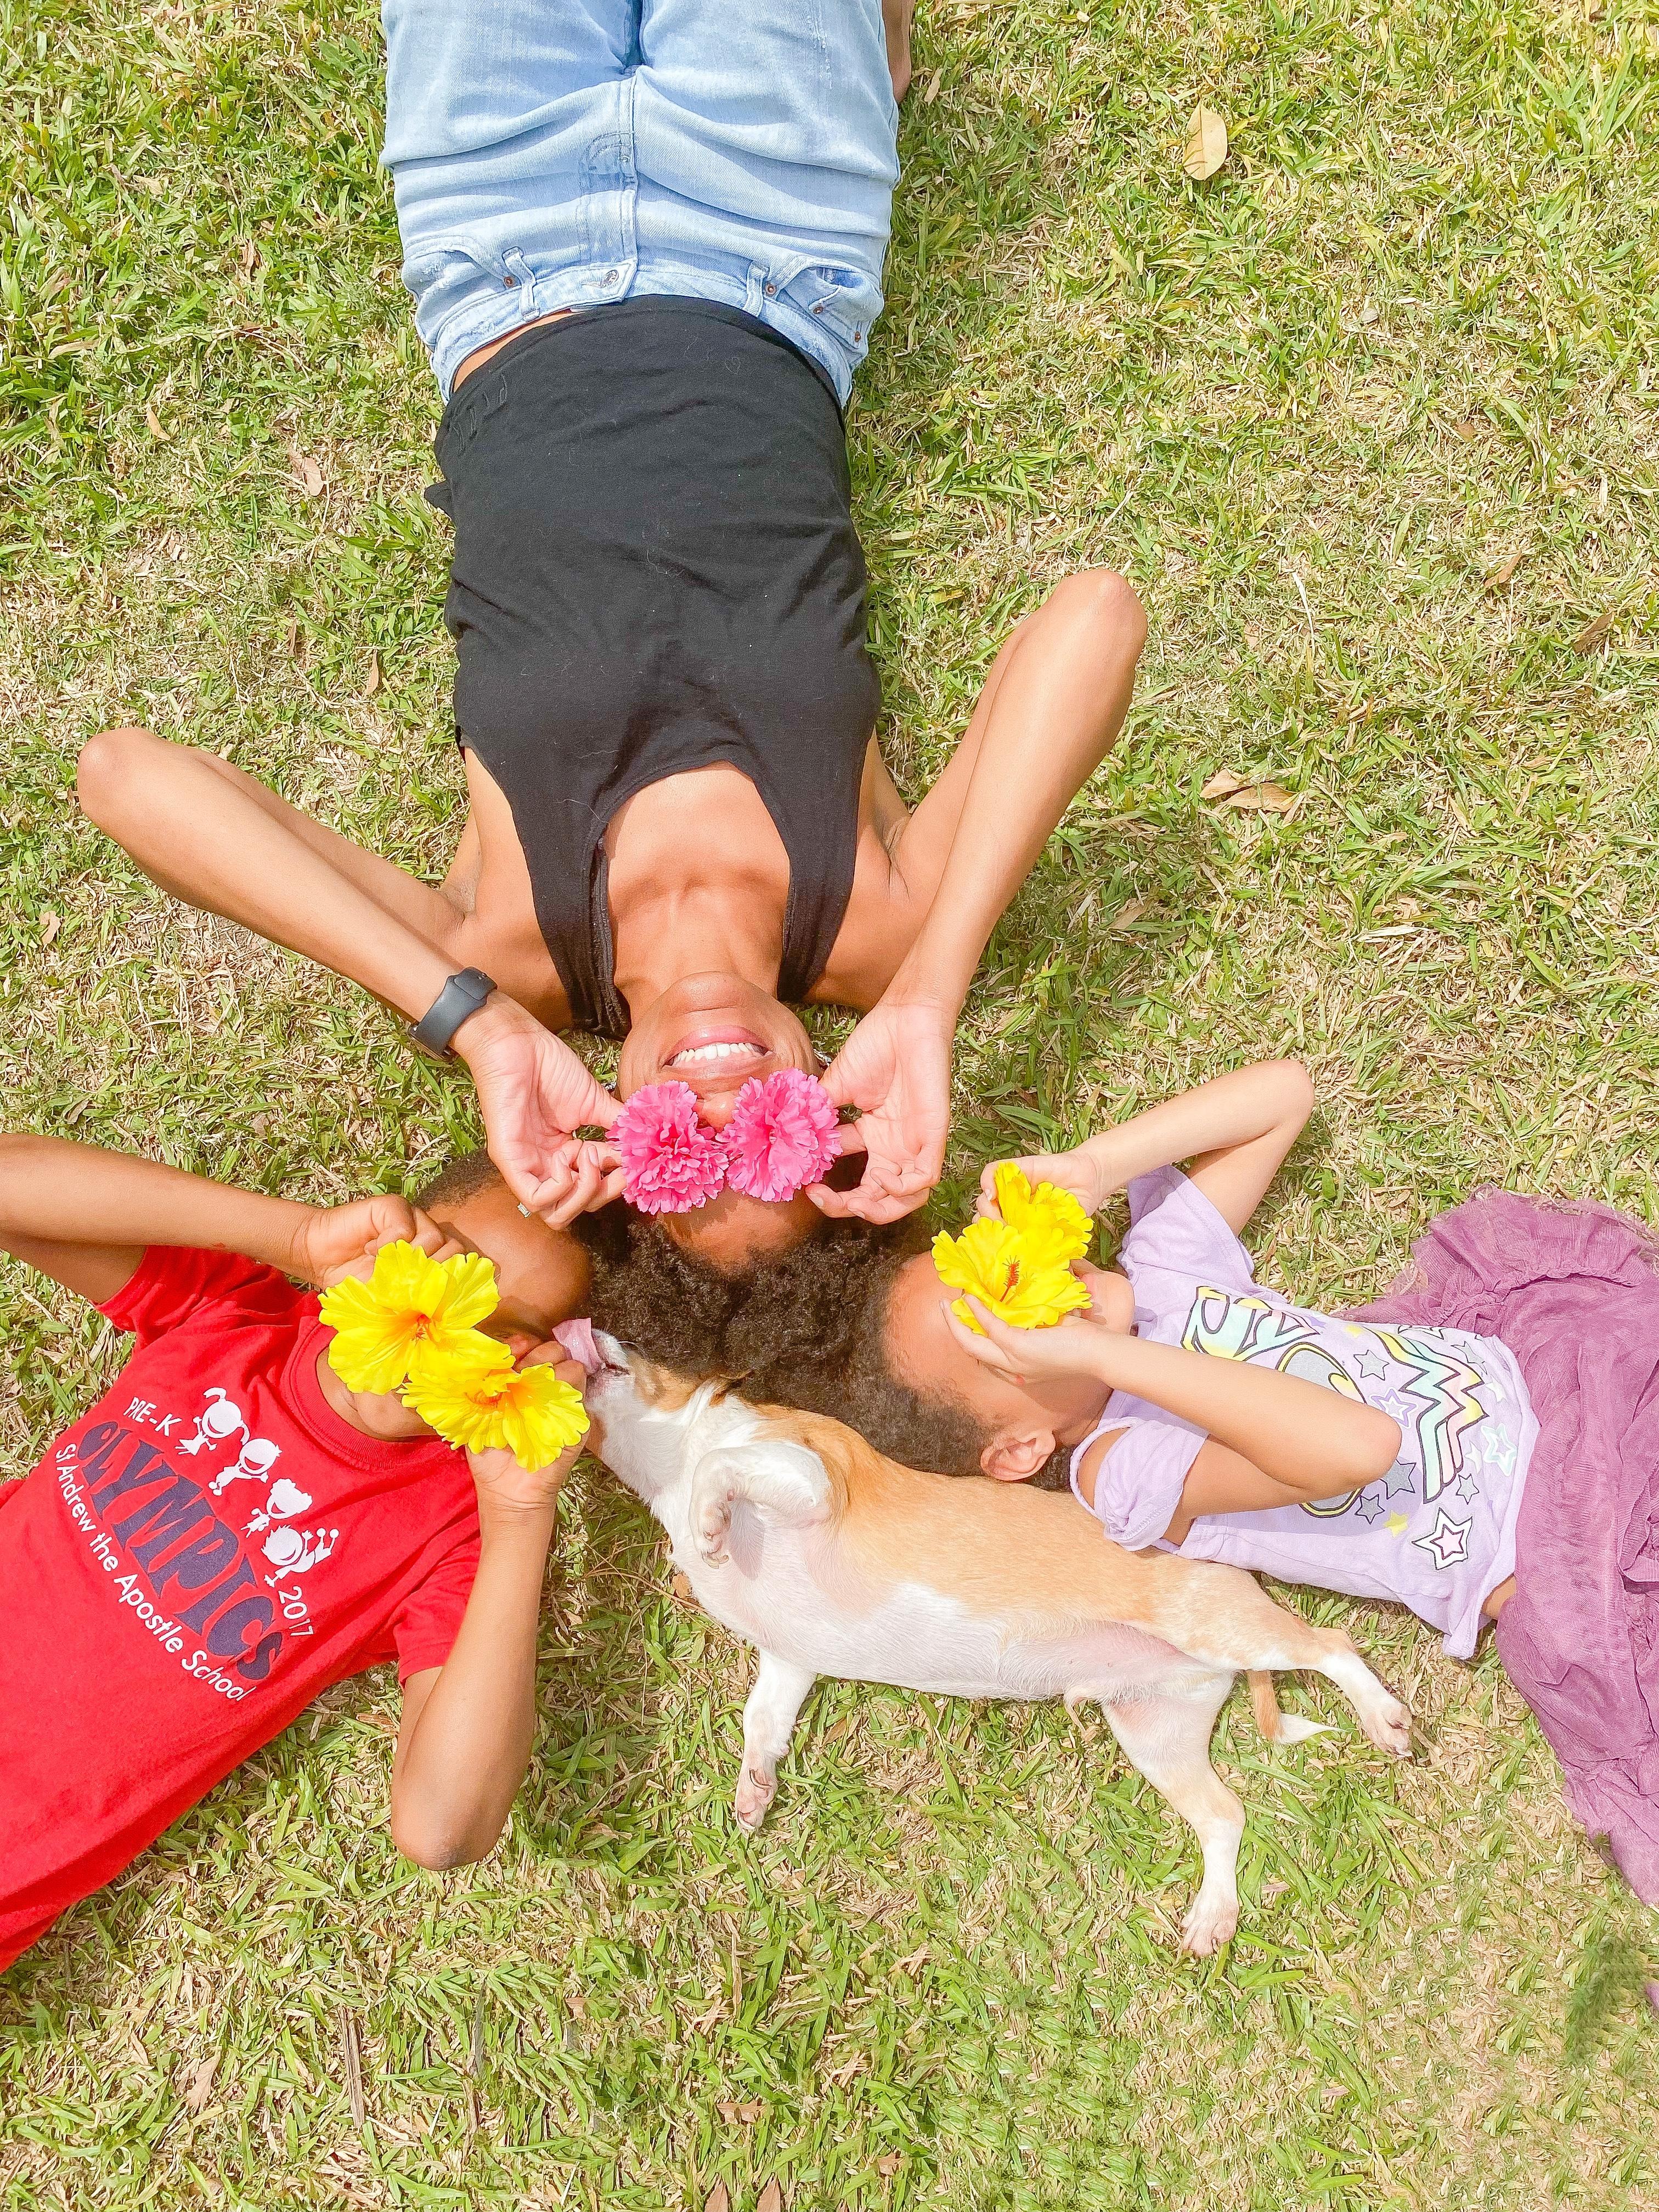 Add a prop to your family photos. #familyphotos #familyphotoideas #propsforphotos #familyphotoshoot #kidsphotoideas